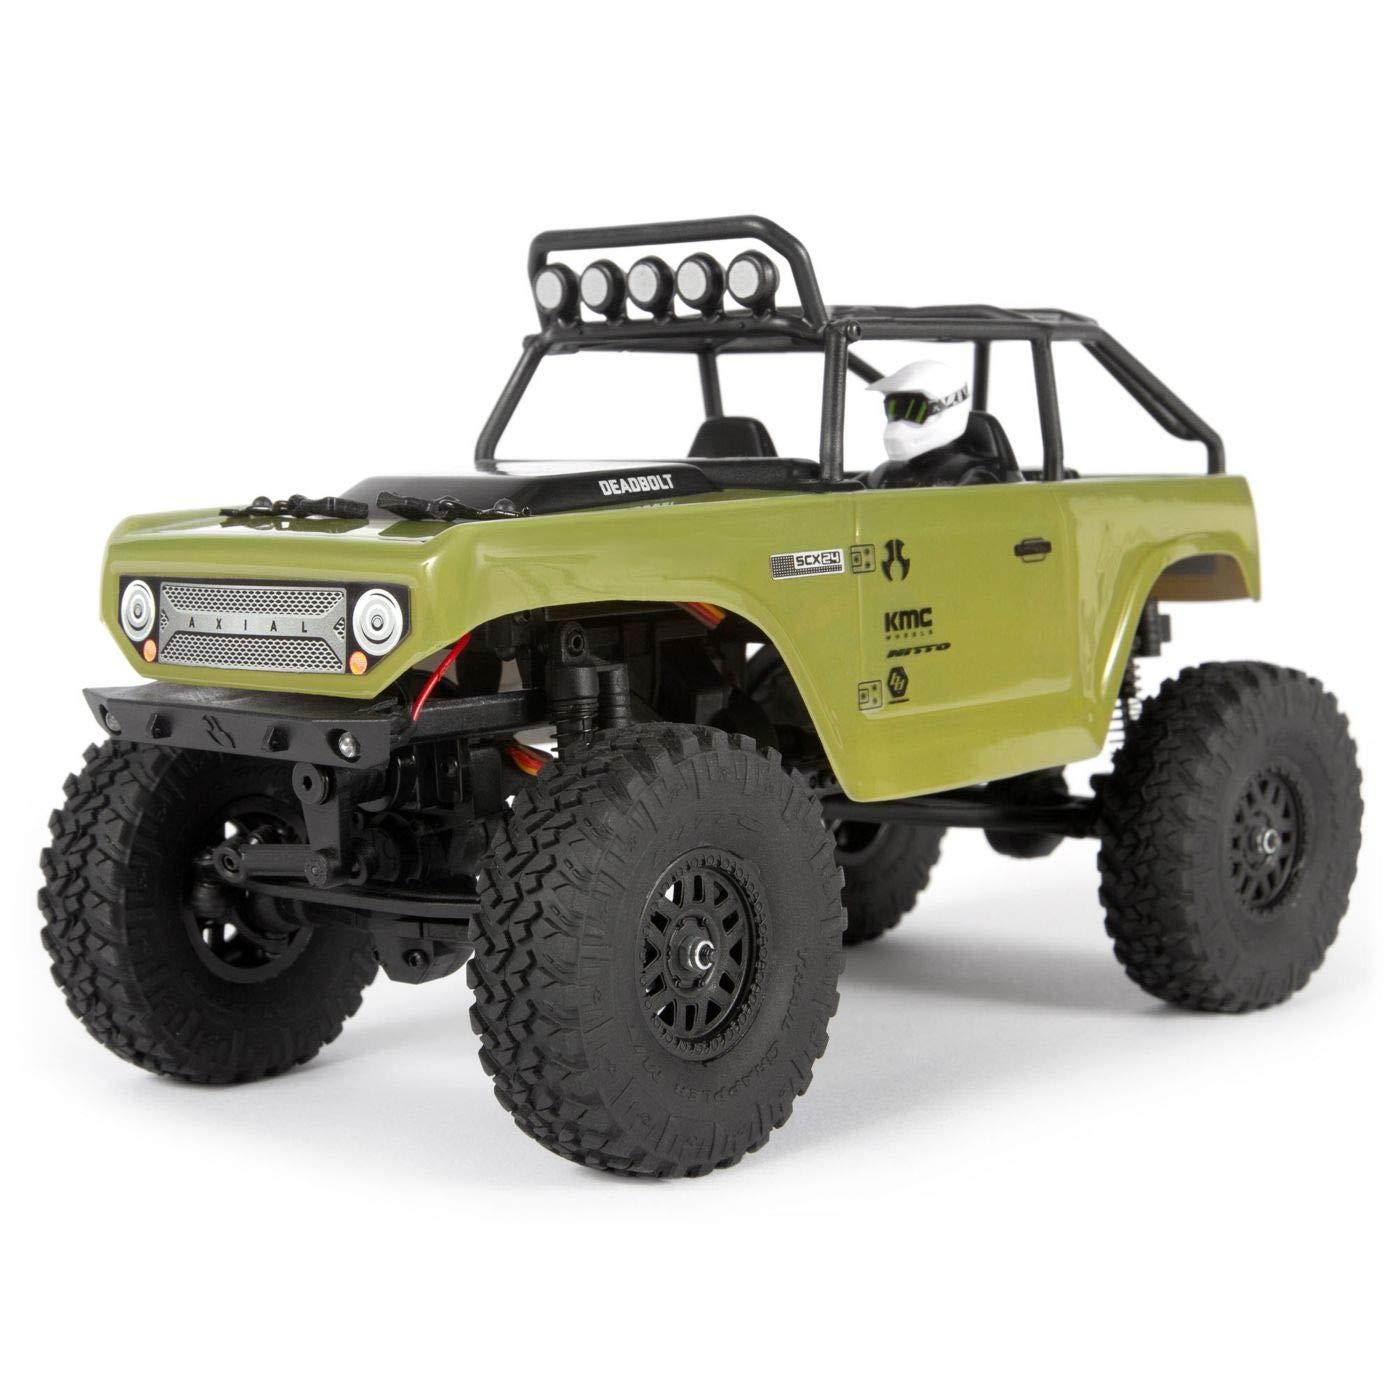 Axial 1/24 SCX24 Deadbolt 4WD Rock Crawler Brushed RTR, Green, AXI90081T2